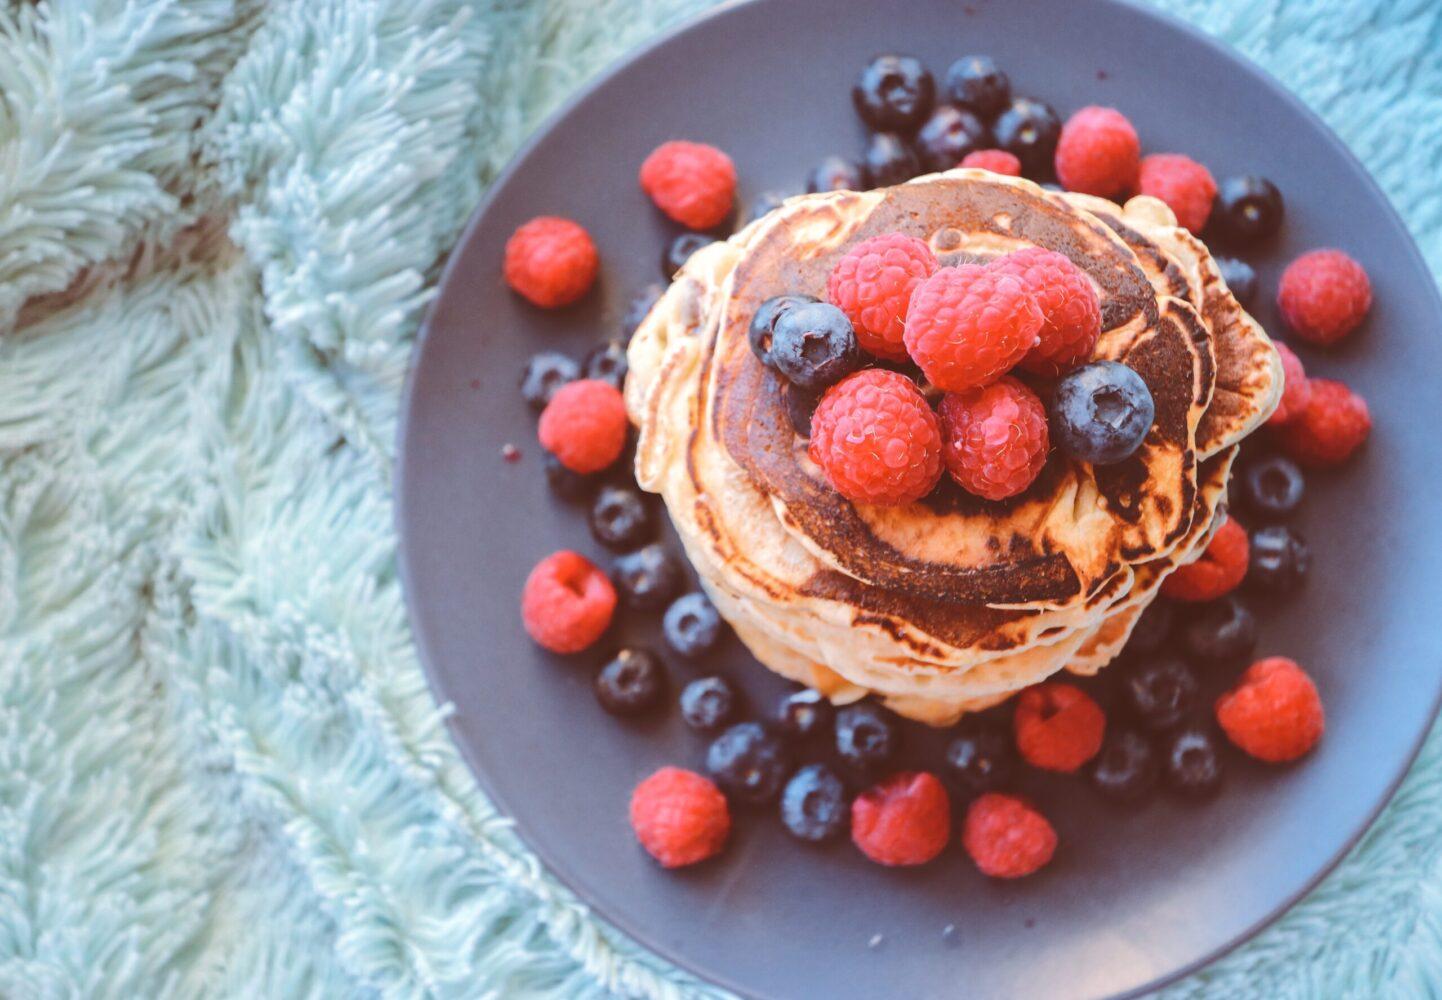 Het Gezinsleven - Lifestyle - Koken en recepten - Bananenpannenkoek - Geserveerd met blauwe bessen en frambozen